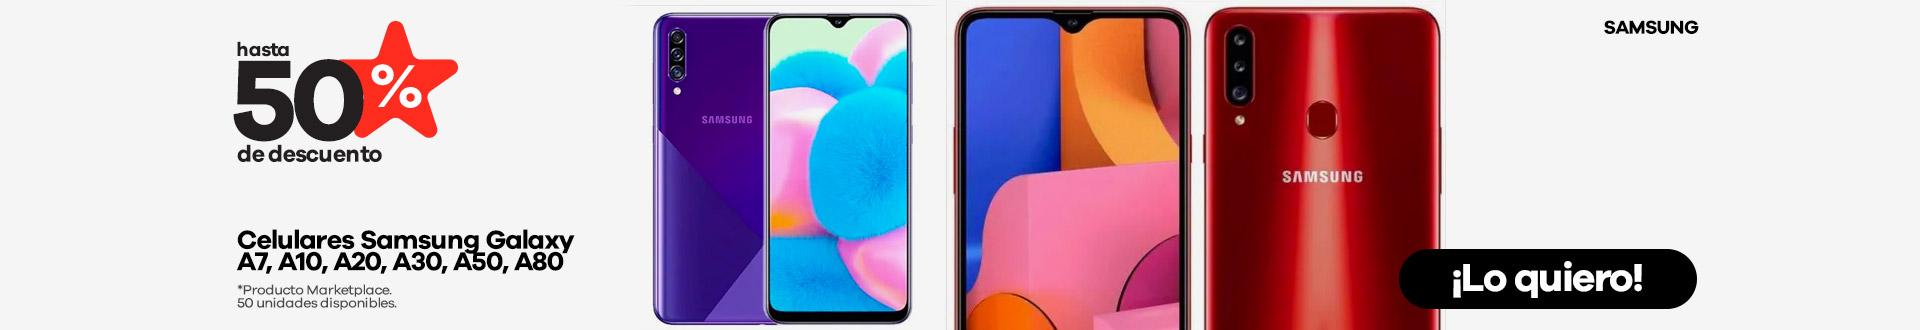 20190512_samsung_bn_celulares